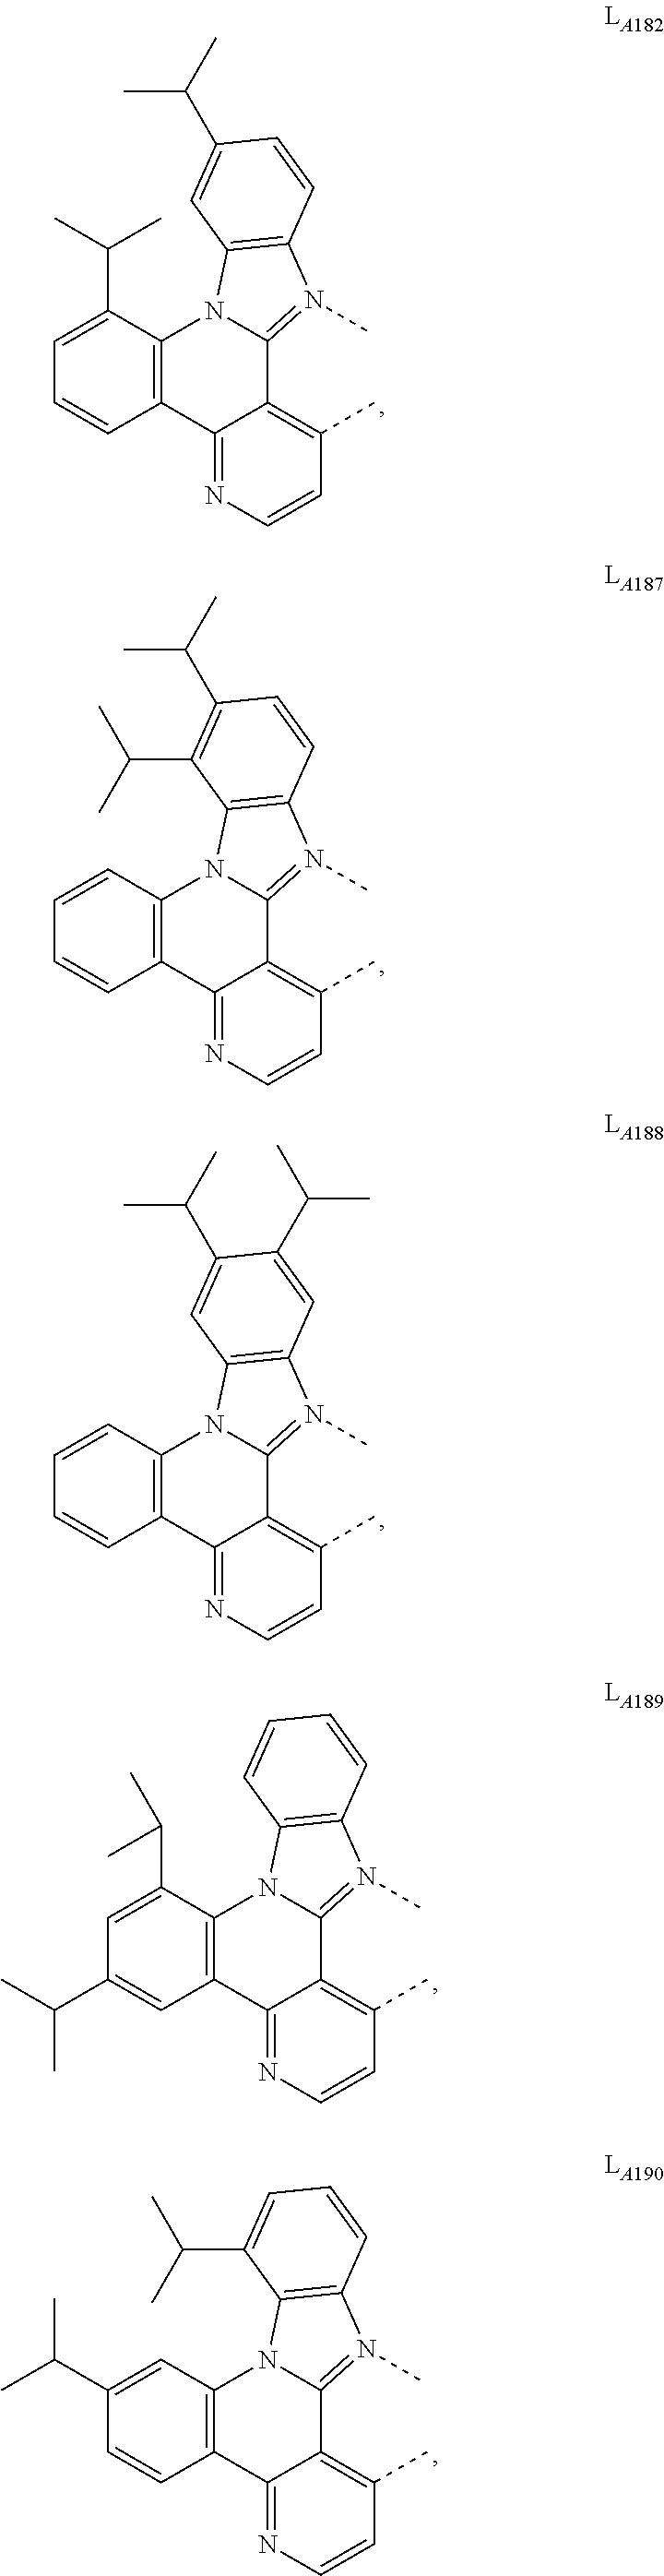 Figure US09905785-20180227-C00464